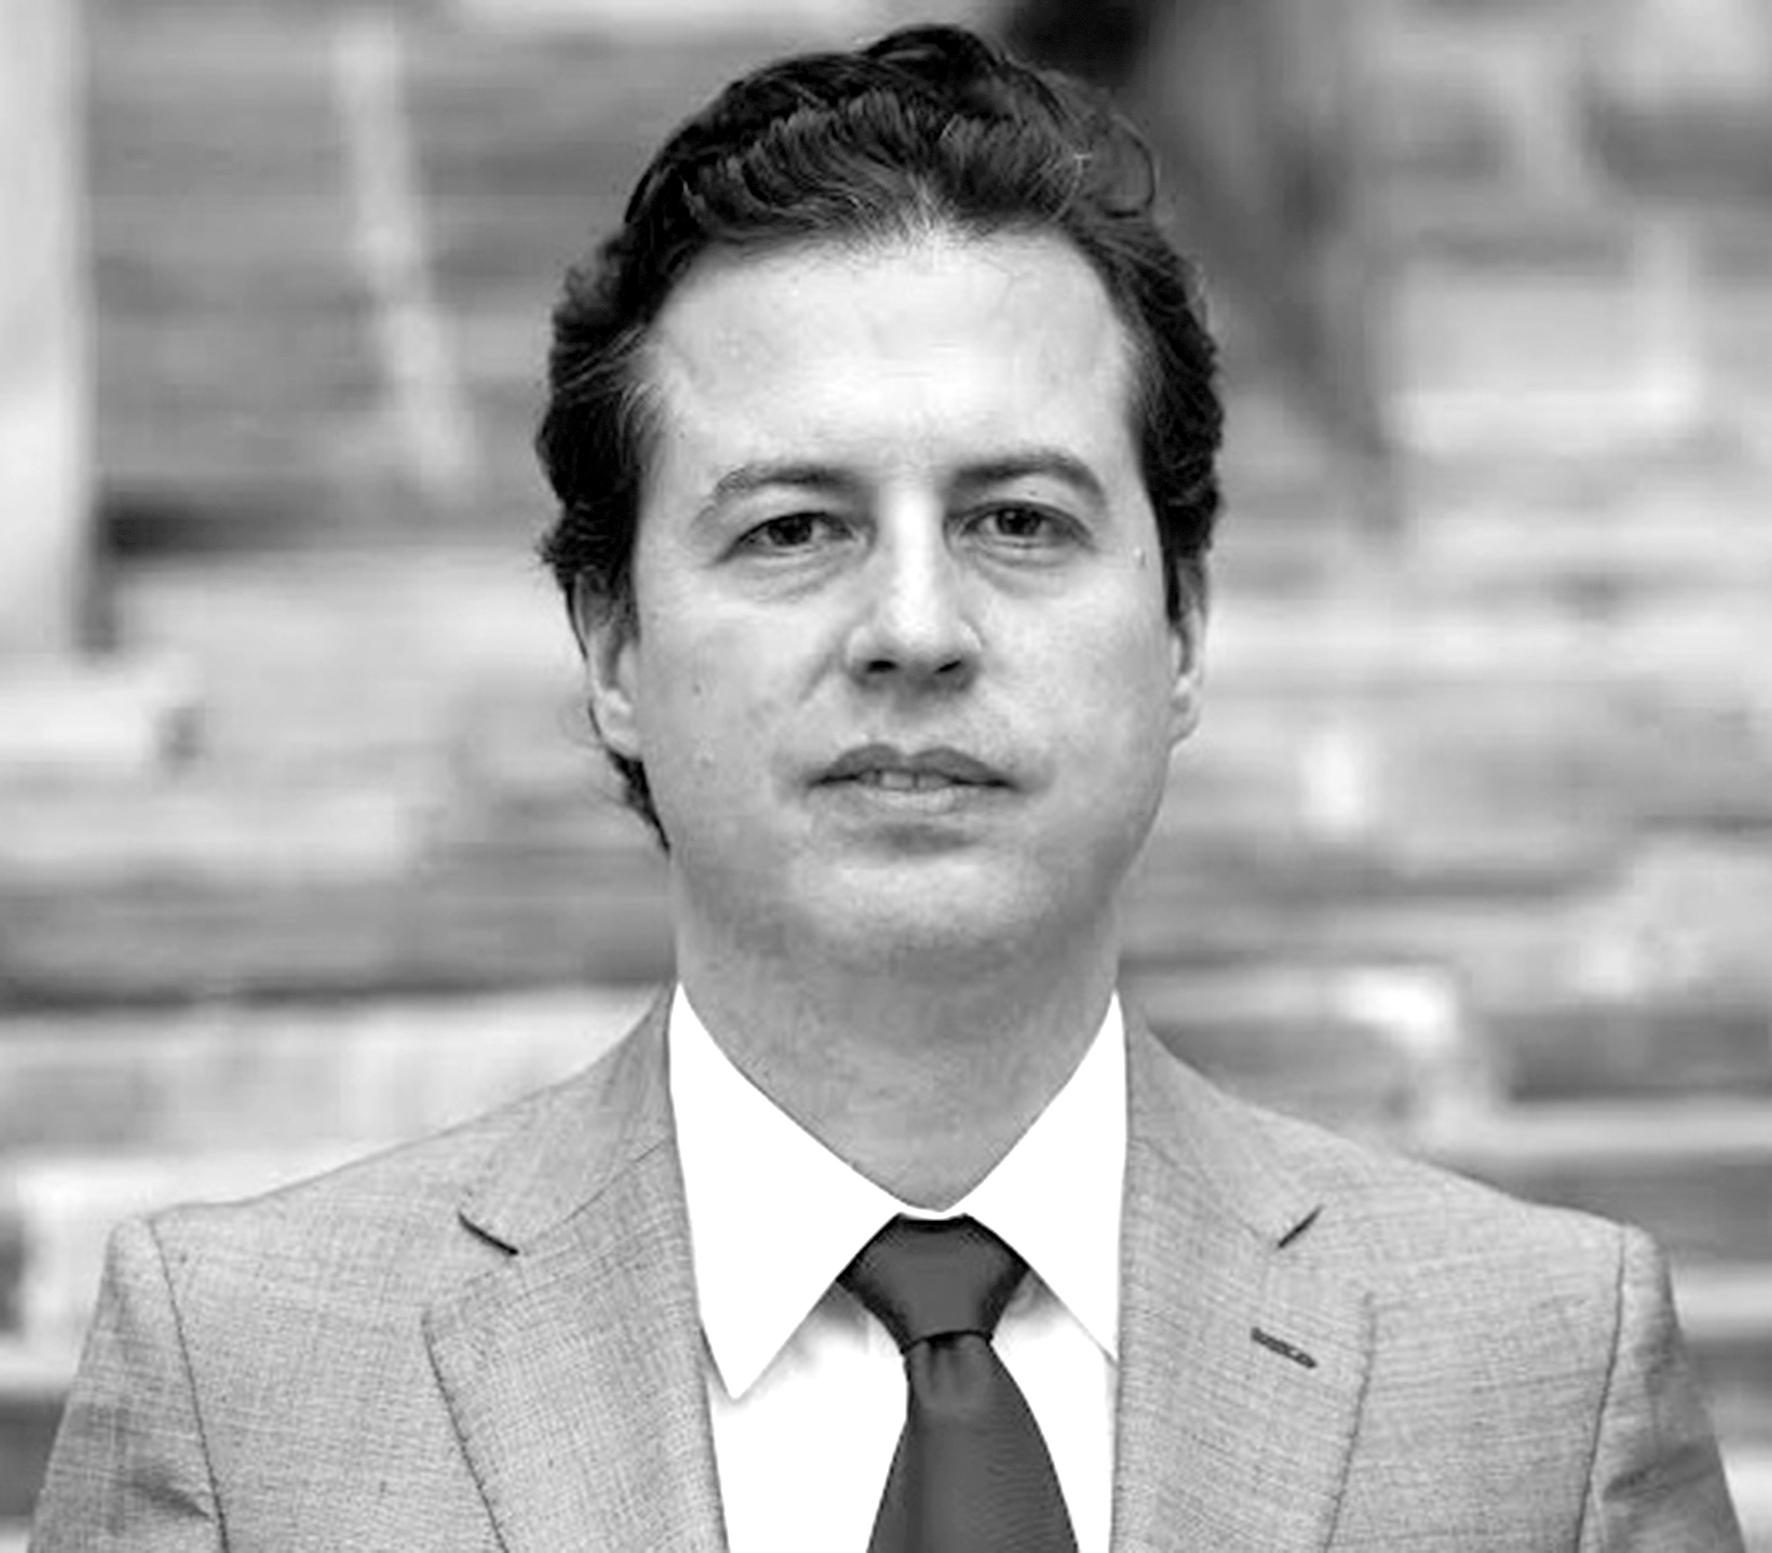 Reino Unido a la deriva populista Por: Juan Manuel Galán | Opinión | EL FRENTE